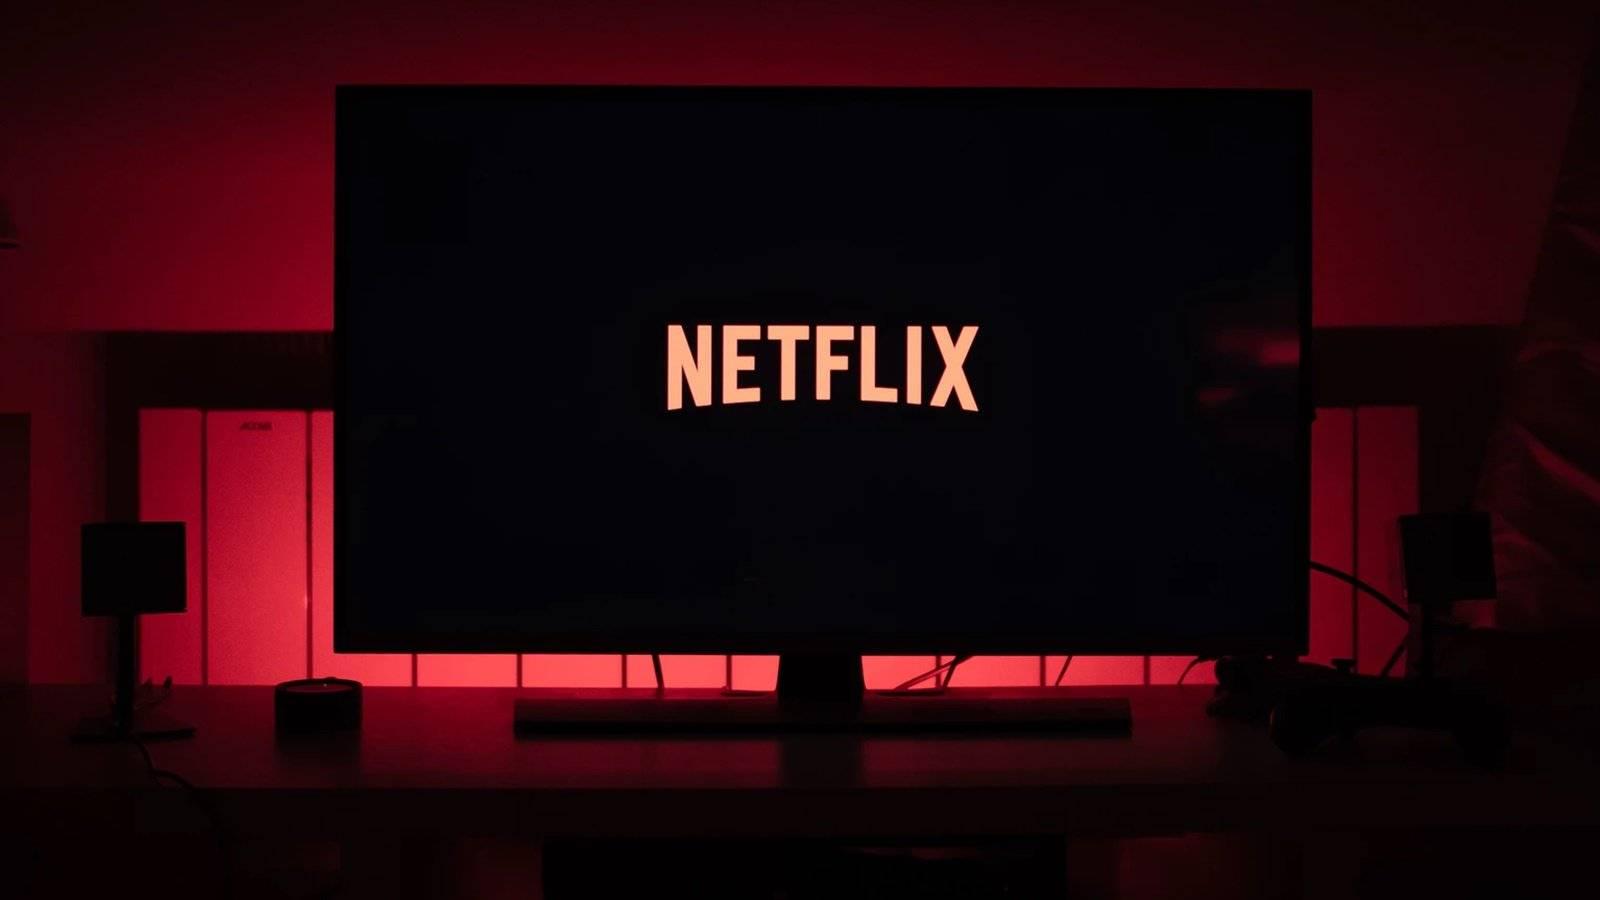 Netflix toma decisión radical para luchar contra la pandemia y 'antivacunas'